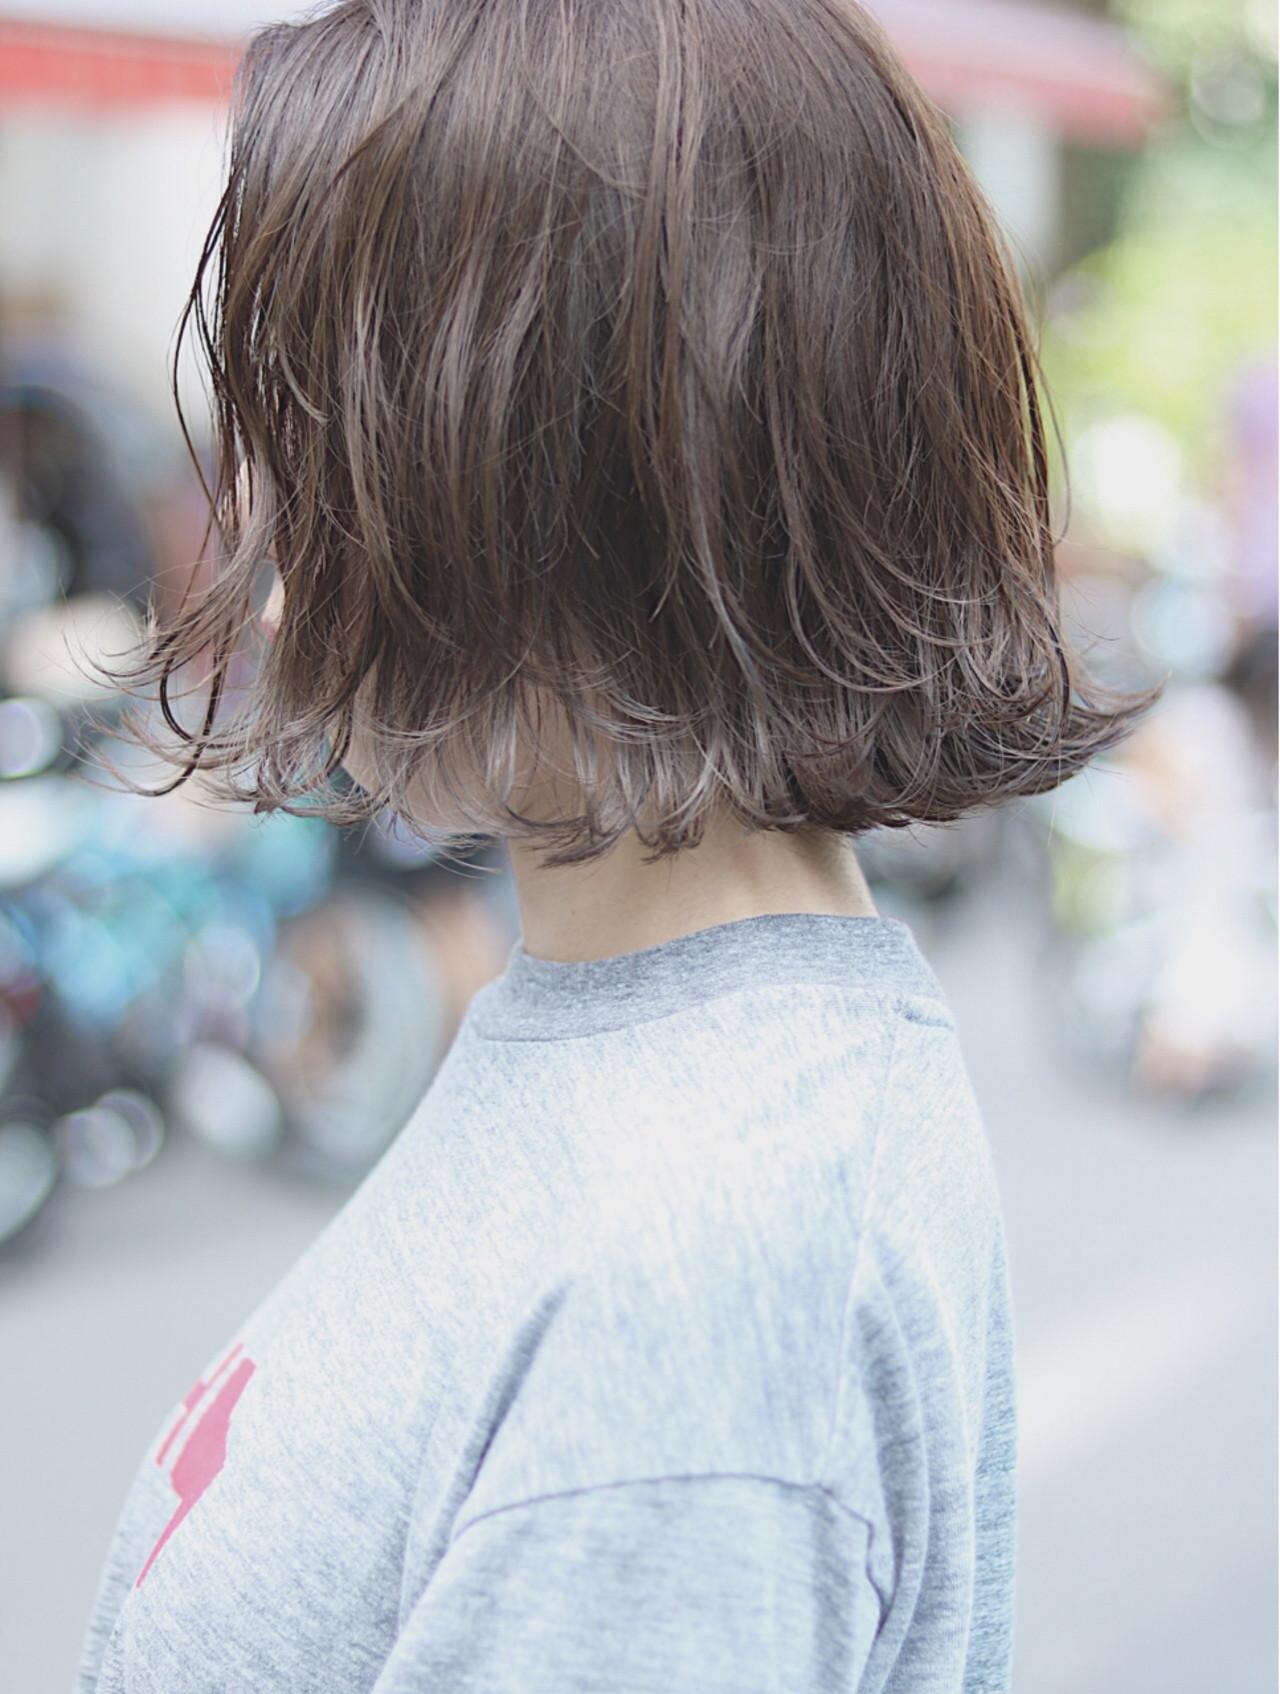 グレージュ ナチュラル オフィス ボブ ヘアスタイルや髪型の写真・画像 | 首藤慎吾 / free-lance